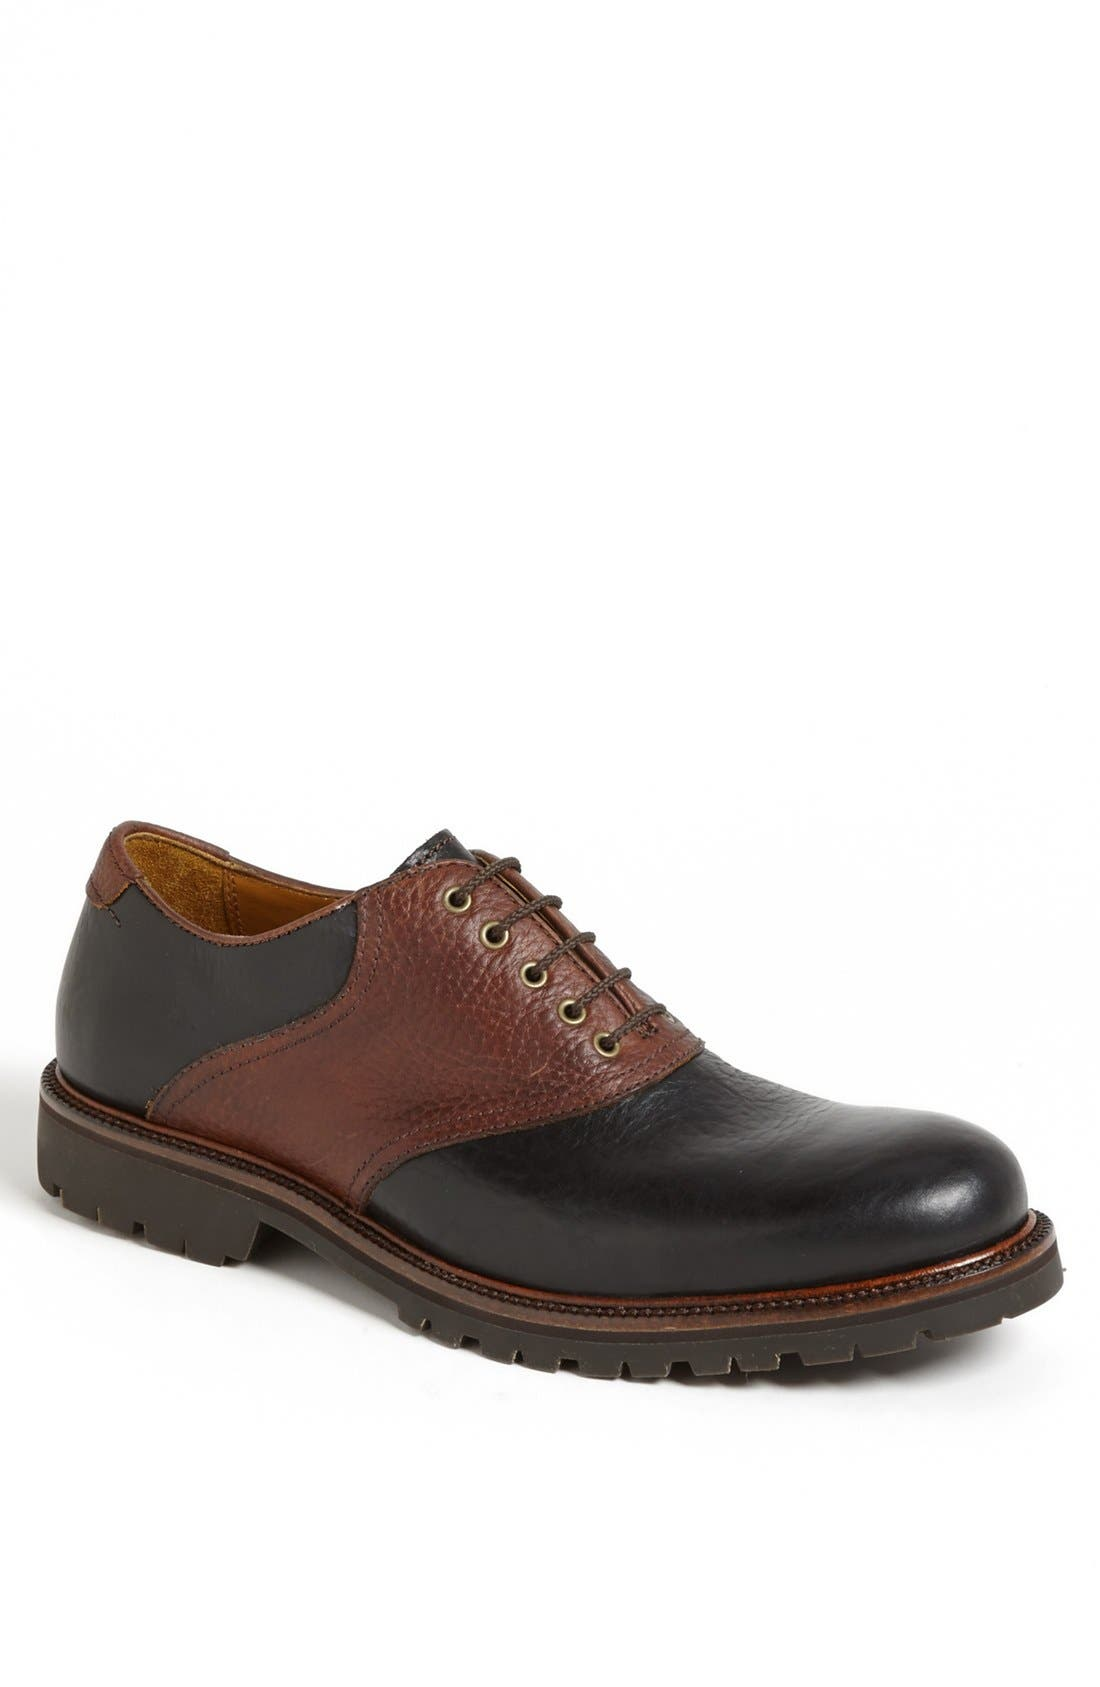 Main Image - Trask 'Garland' Saddle Shoe (Men)